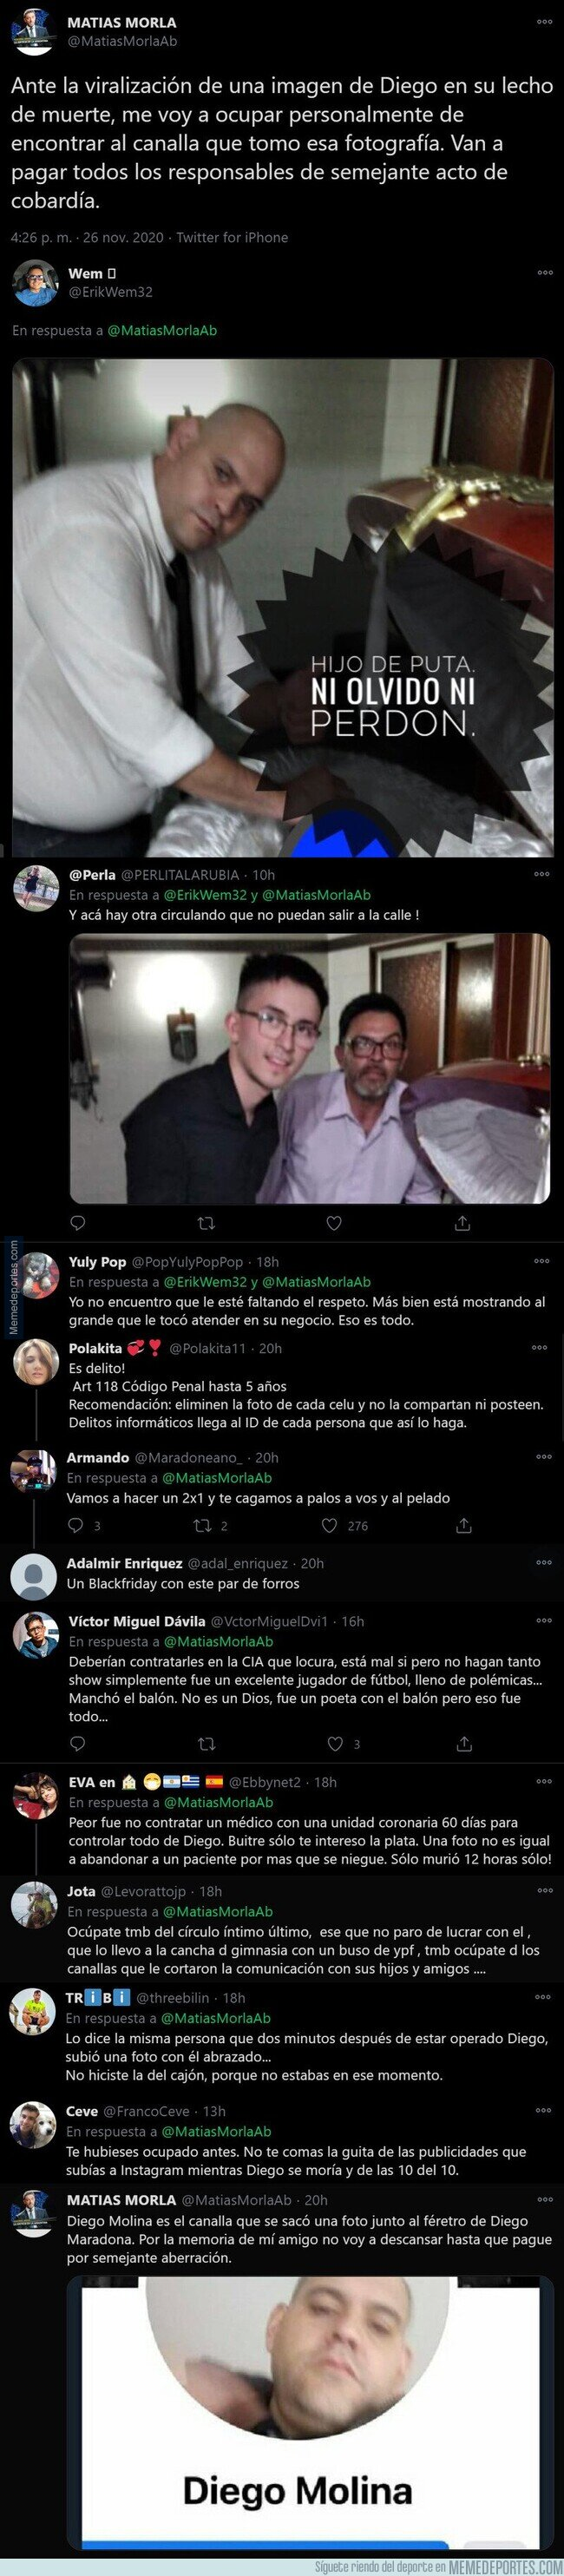 1121270 - Indignación total en Argentina por esta foto que ha aparecido de Maradona muerto dentro del féretro y que su amigo jura venganza contra los que lo han hecho con este mensaje